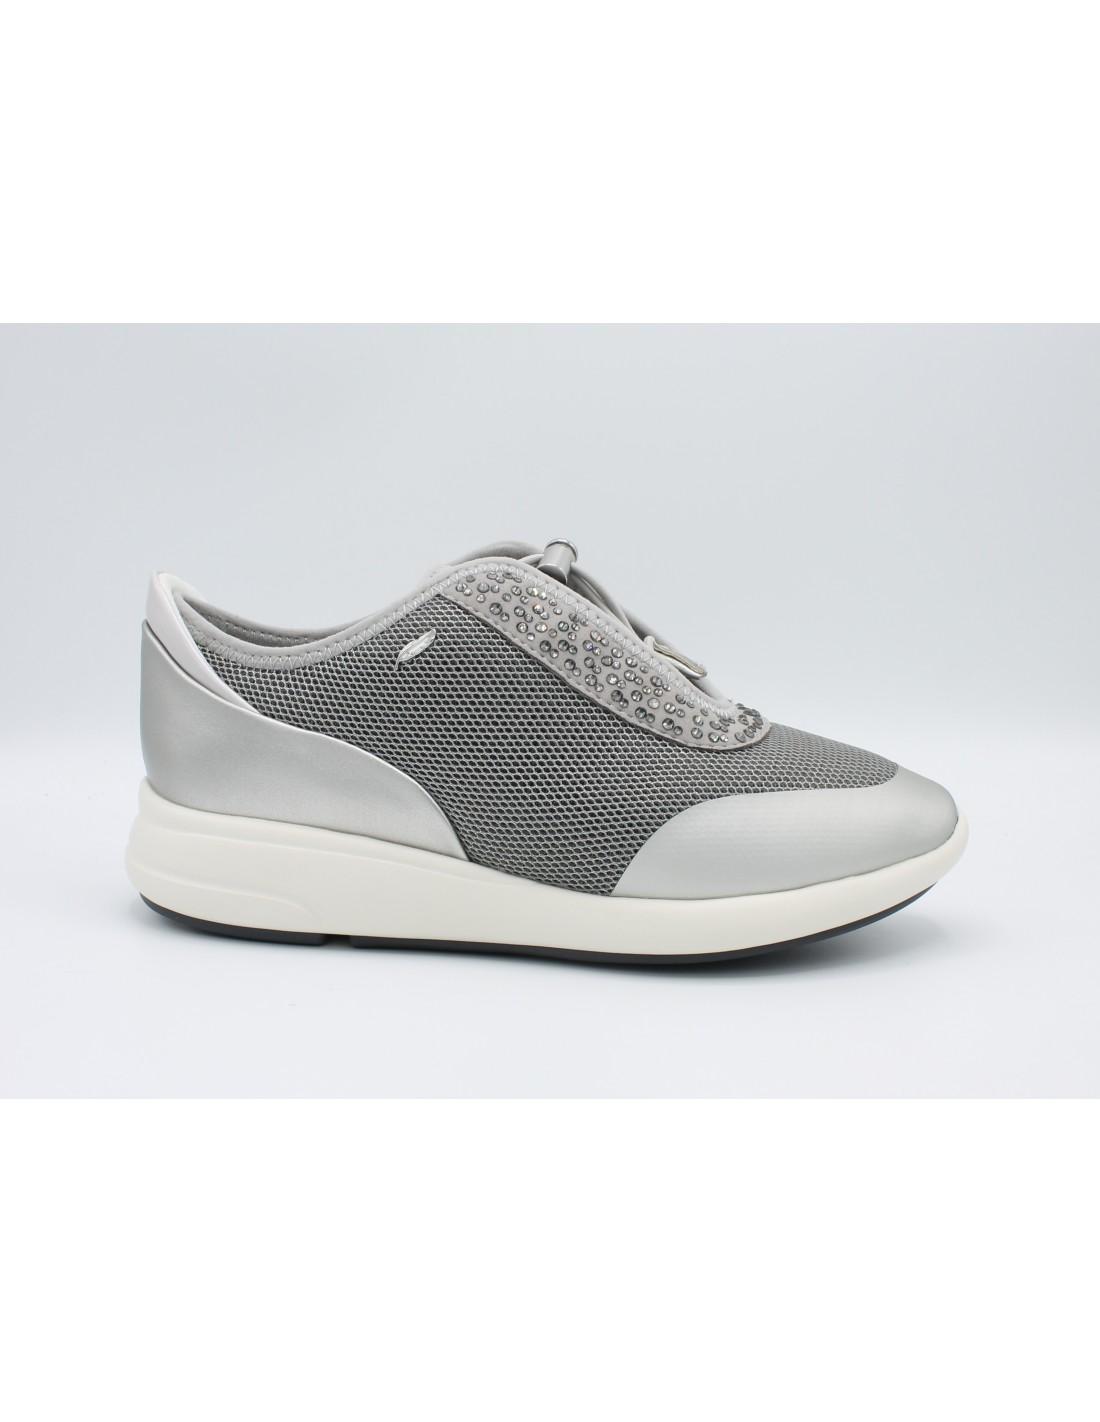 Con Scarpe Da Geox Tela Donna In Zeppa 8wvom0nn Sneakers Pelle Estive WYHeEID29